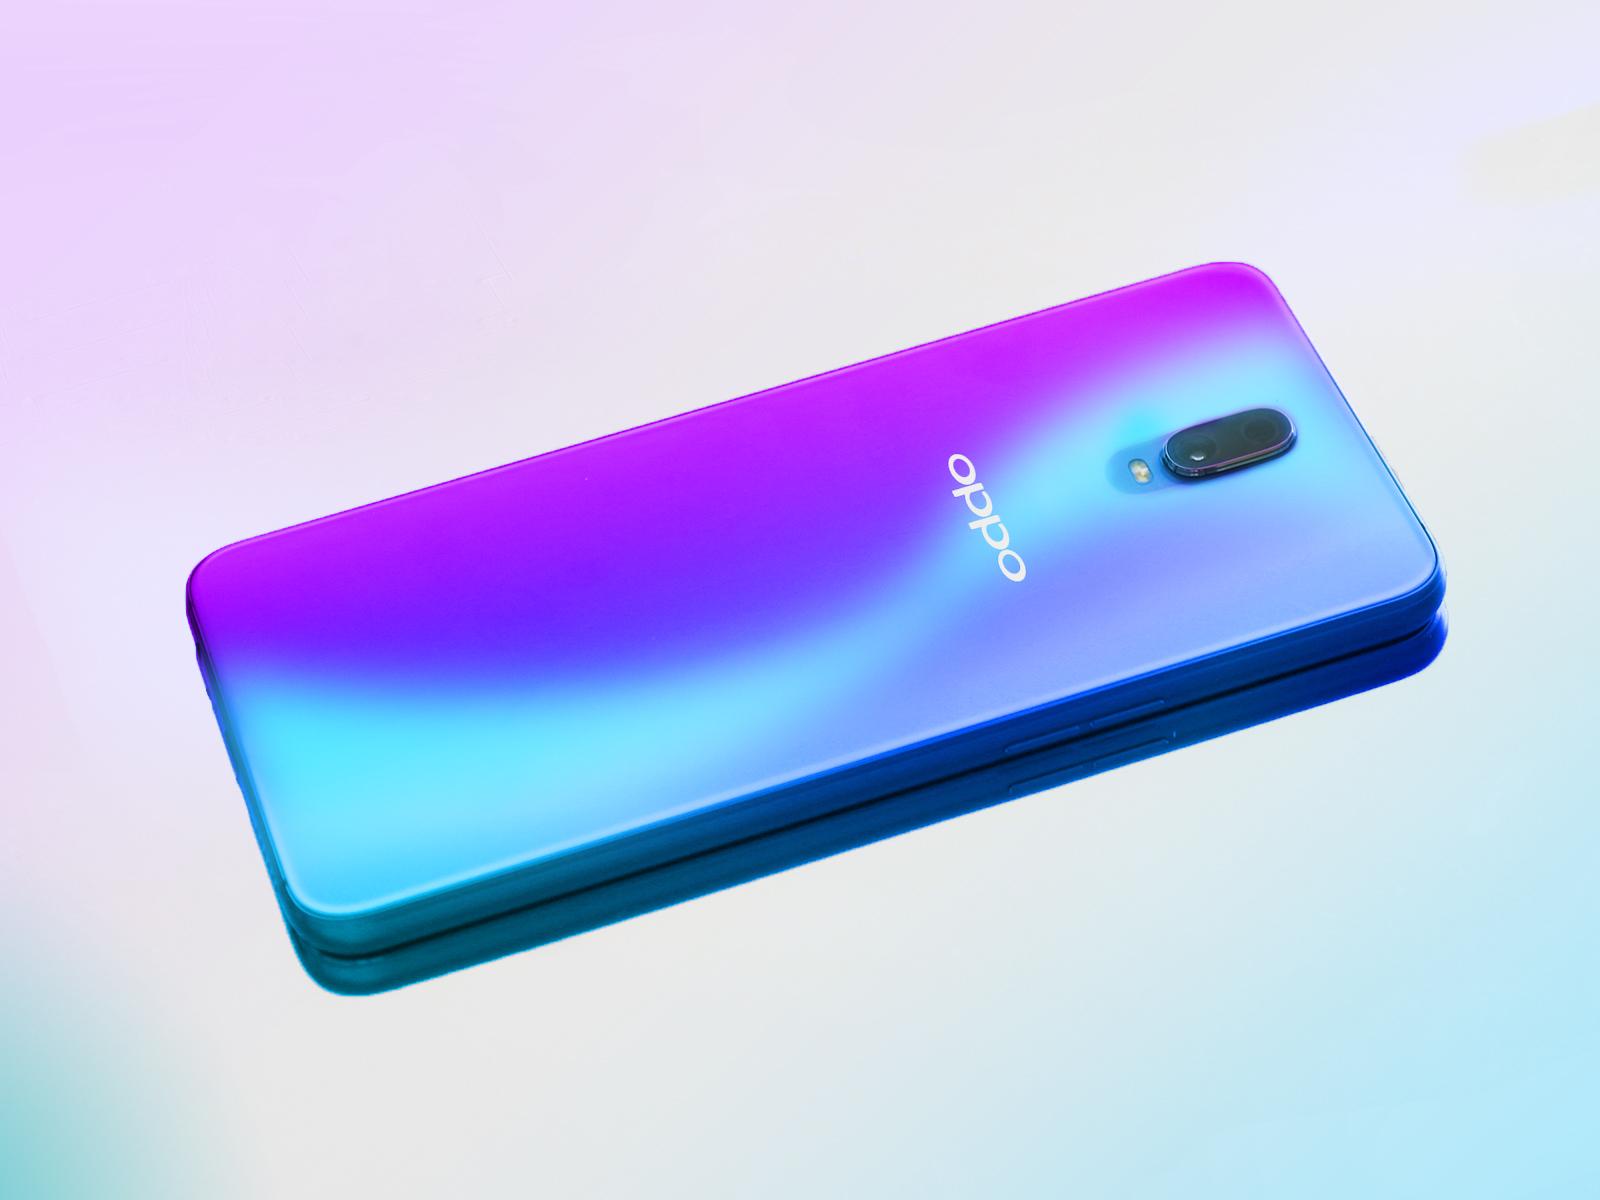 一款真正的美颜自拍手机 到底应该具备哪些特性?